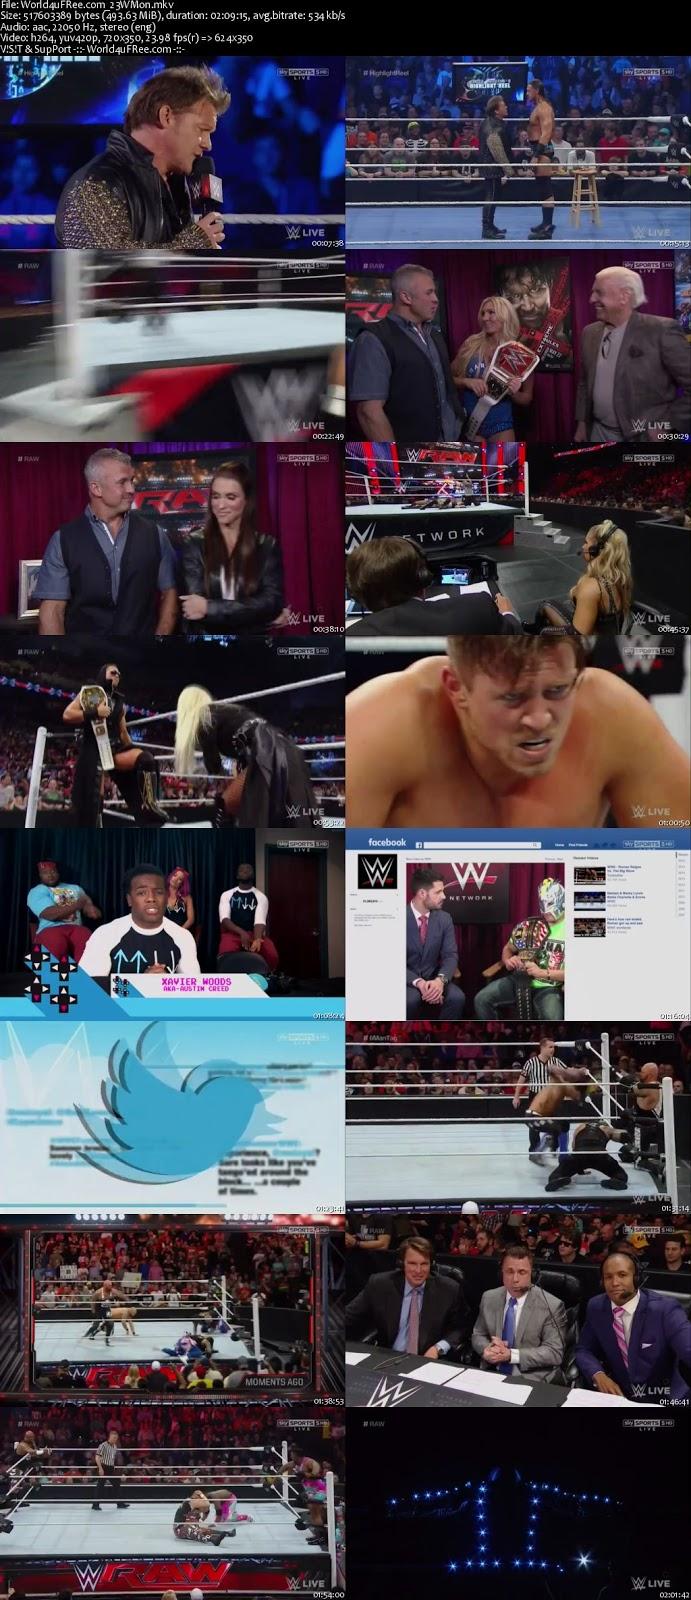 WWE Monday Night RAW 23 MAY 2016 HD free Download